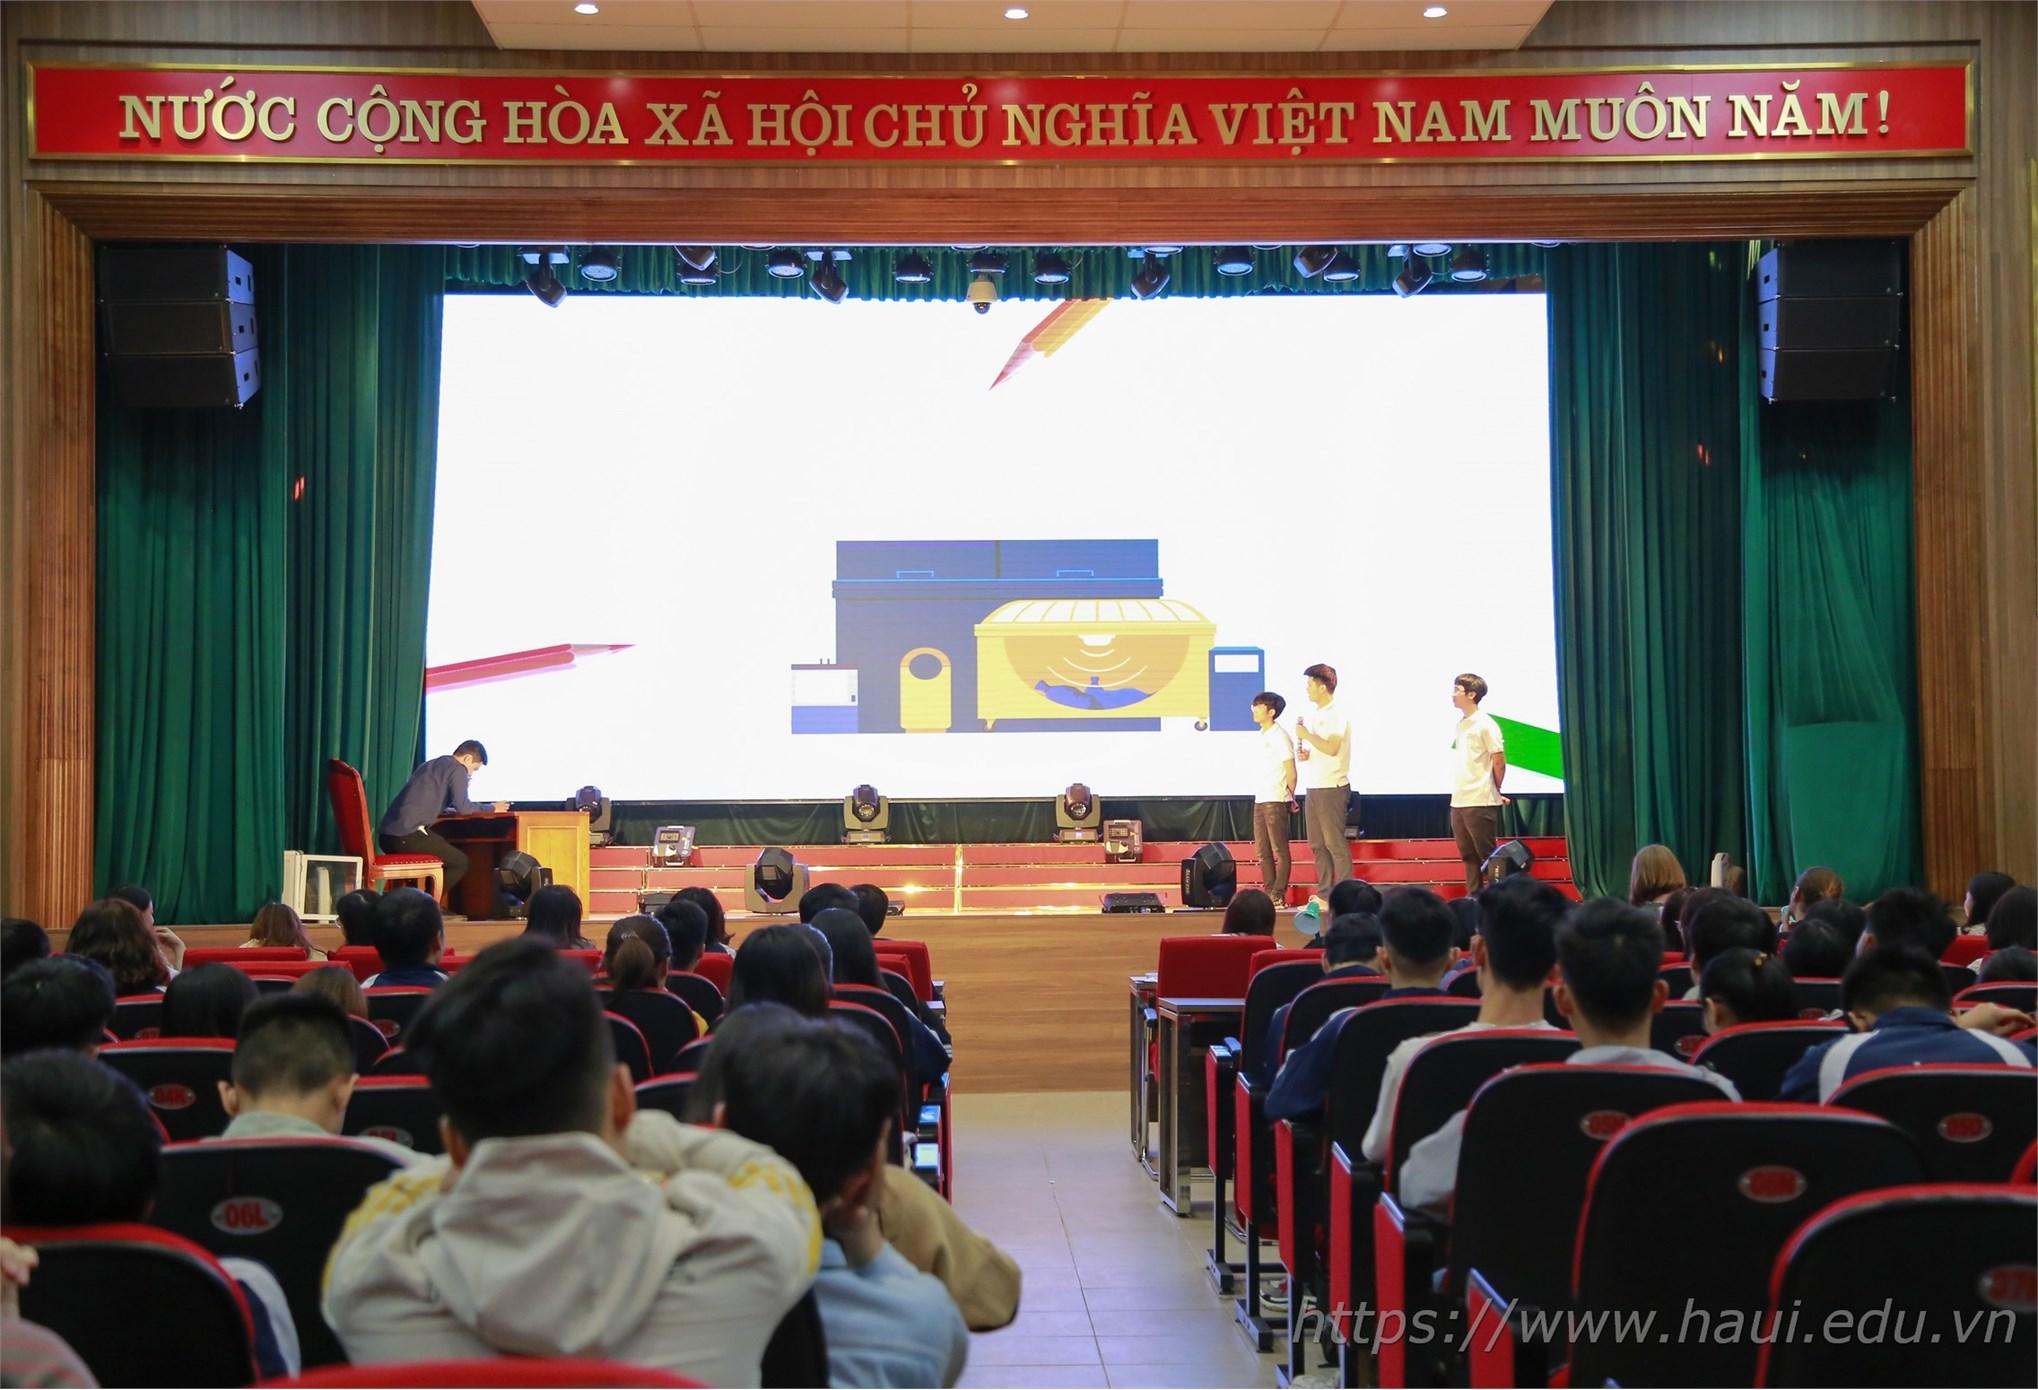 Chung kết cuộc thi Sinh viên yêu thích tiếng Anh Let's go 2019 - ĐHCNHN